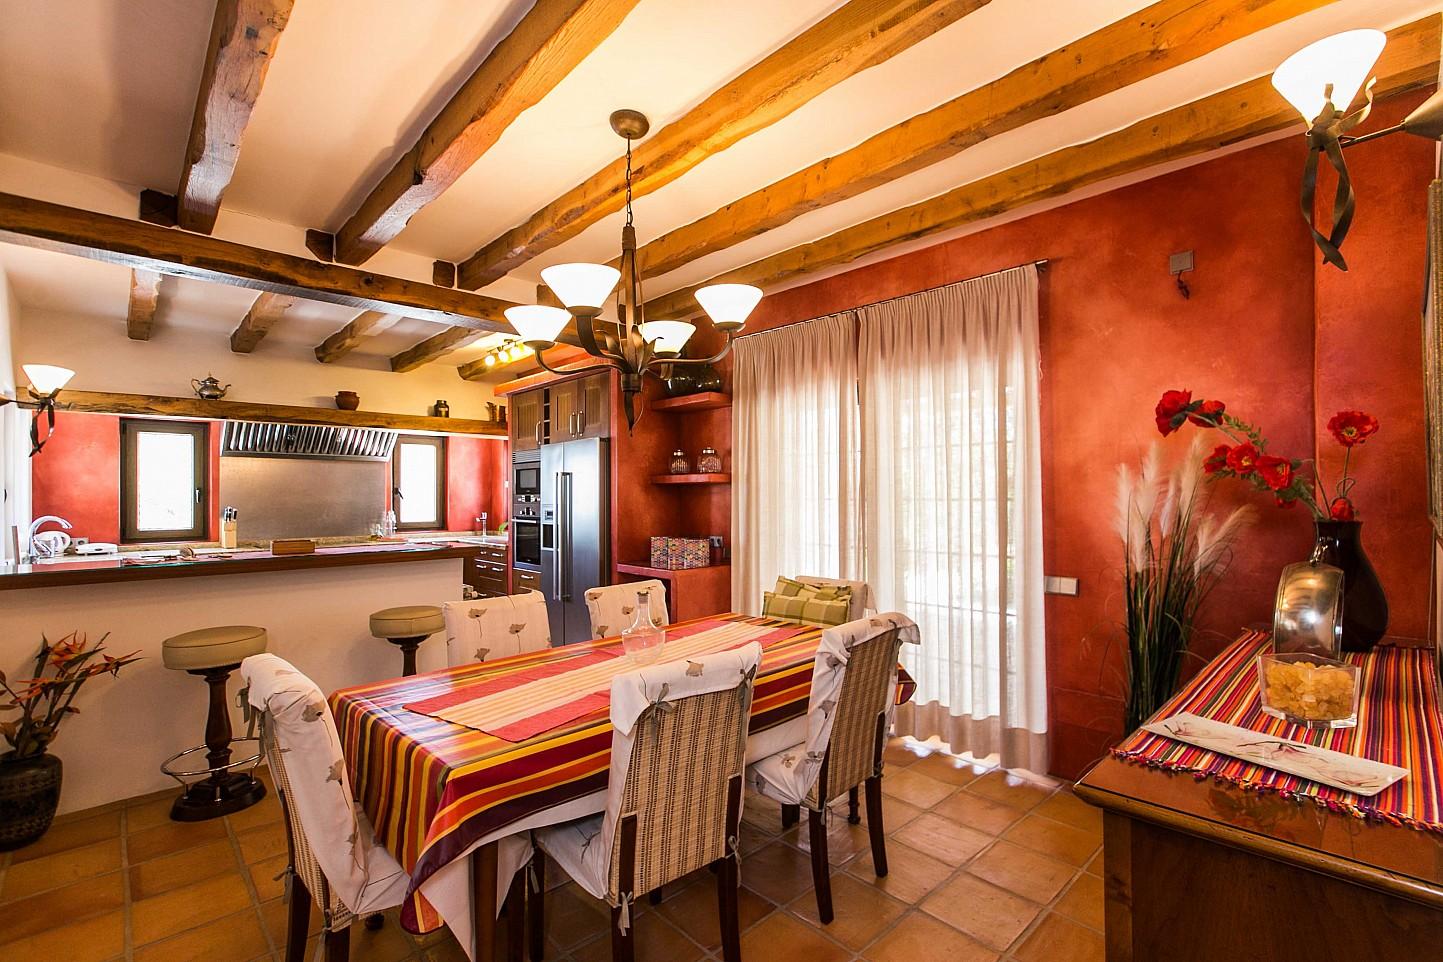 Luminoso salón comedor con vistas exteriores en sensacional estancia en alquiler ubicada en Ibiza